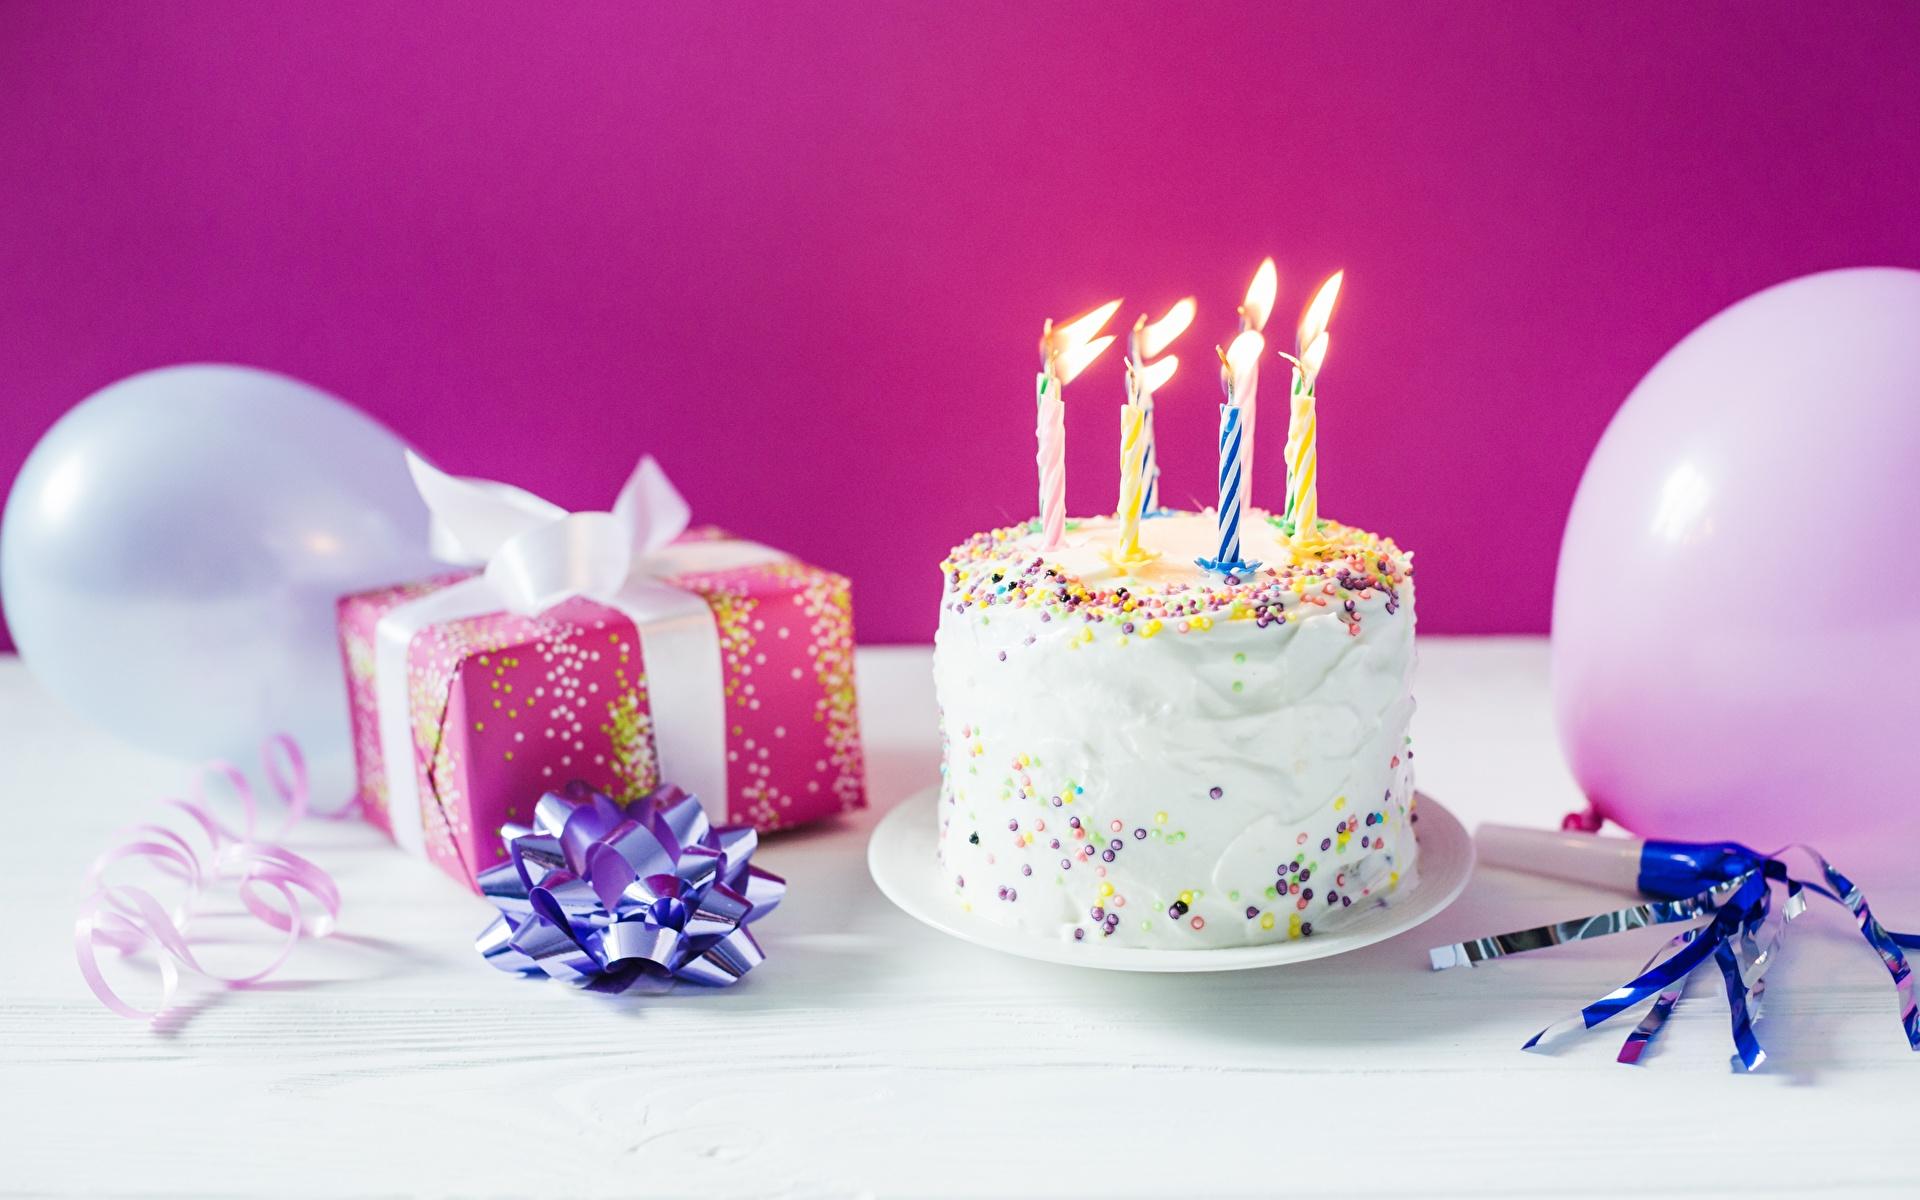 Фотография День рождения Торты Подарки Свечи Продукты питания Праздники 1920x1200 Еда Пища